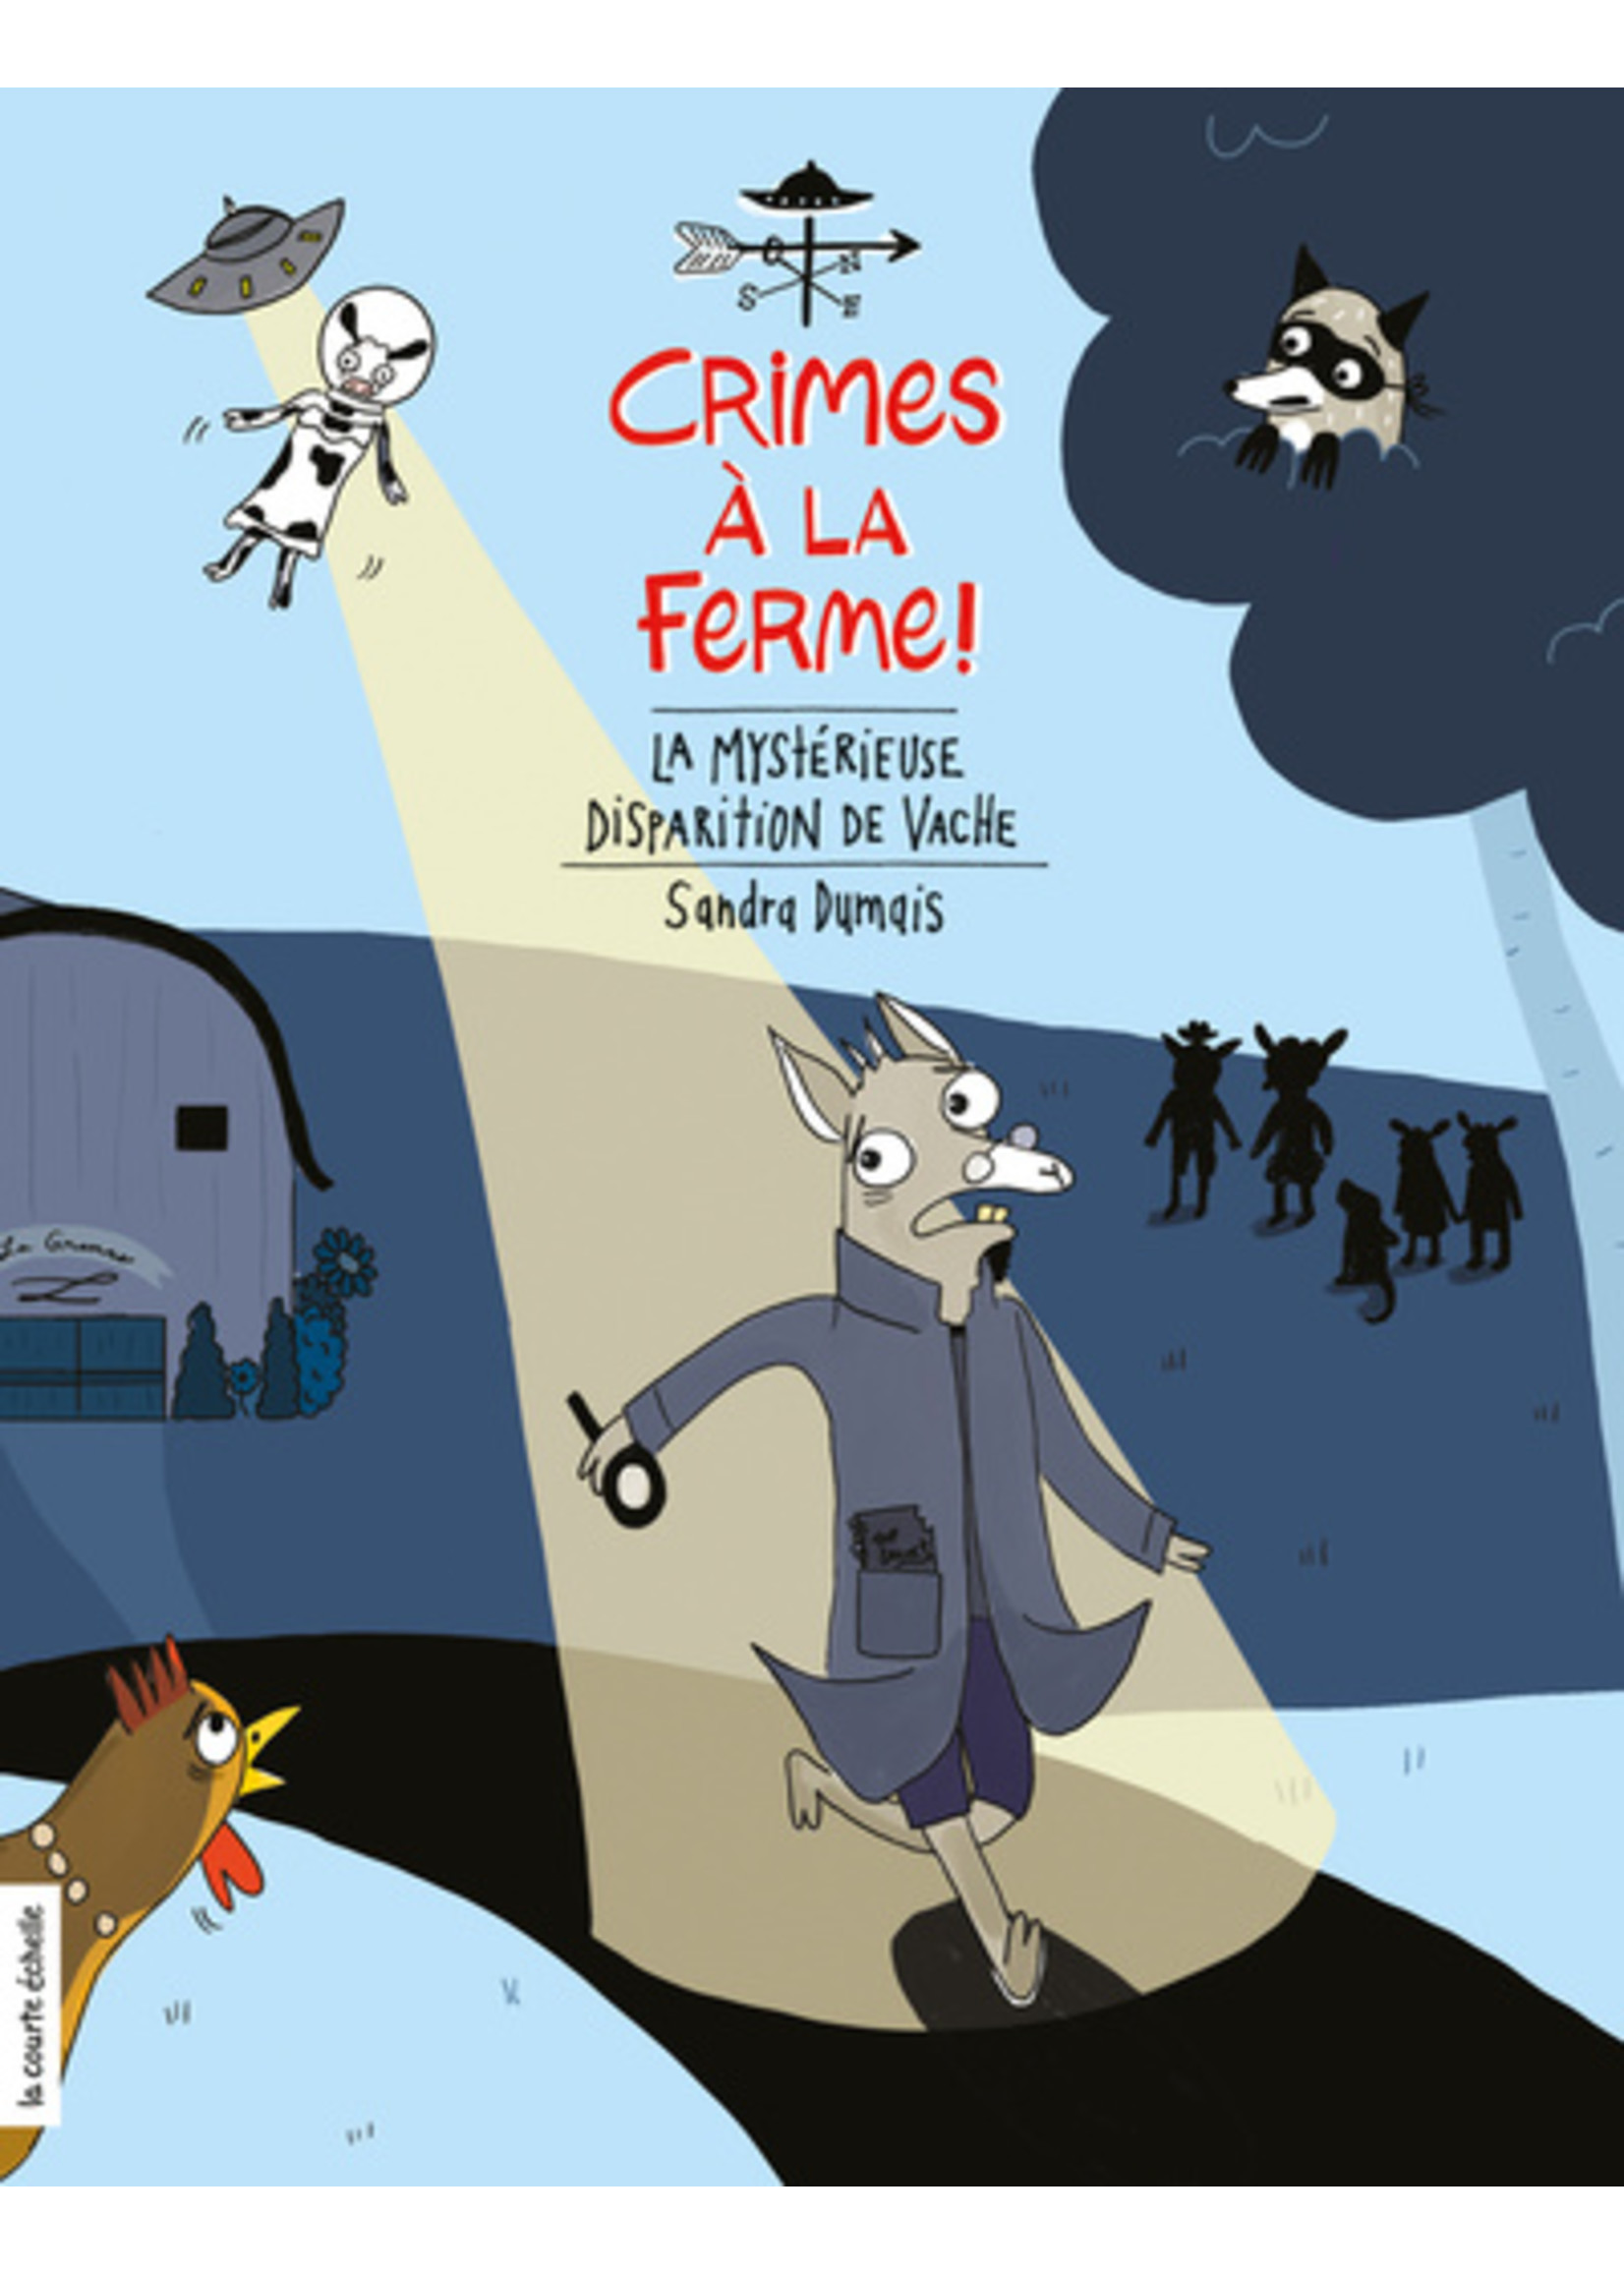 La courte échelle Crimes à la ferme -La mystérieuse disparition de vache